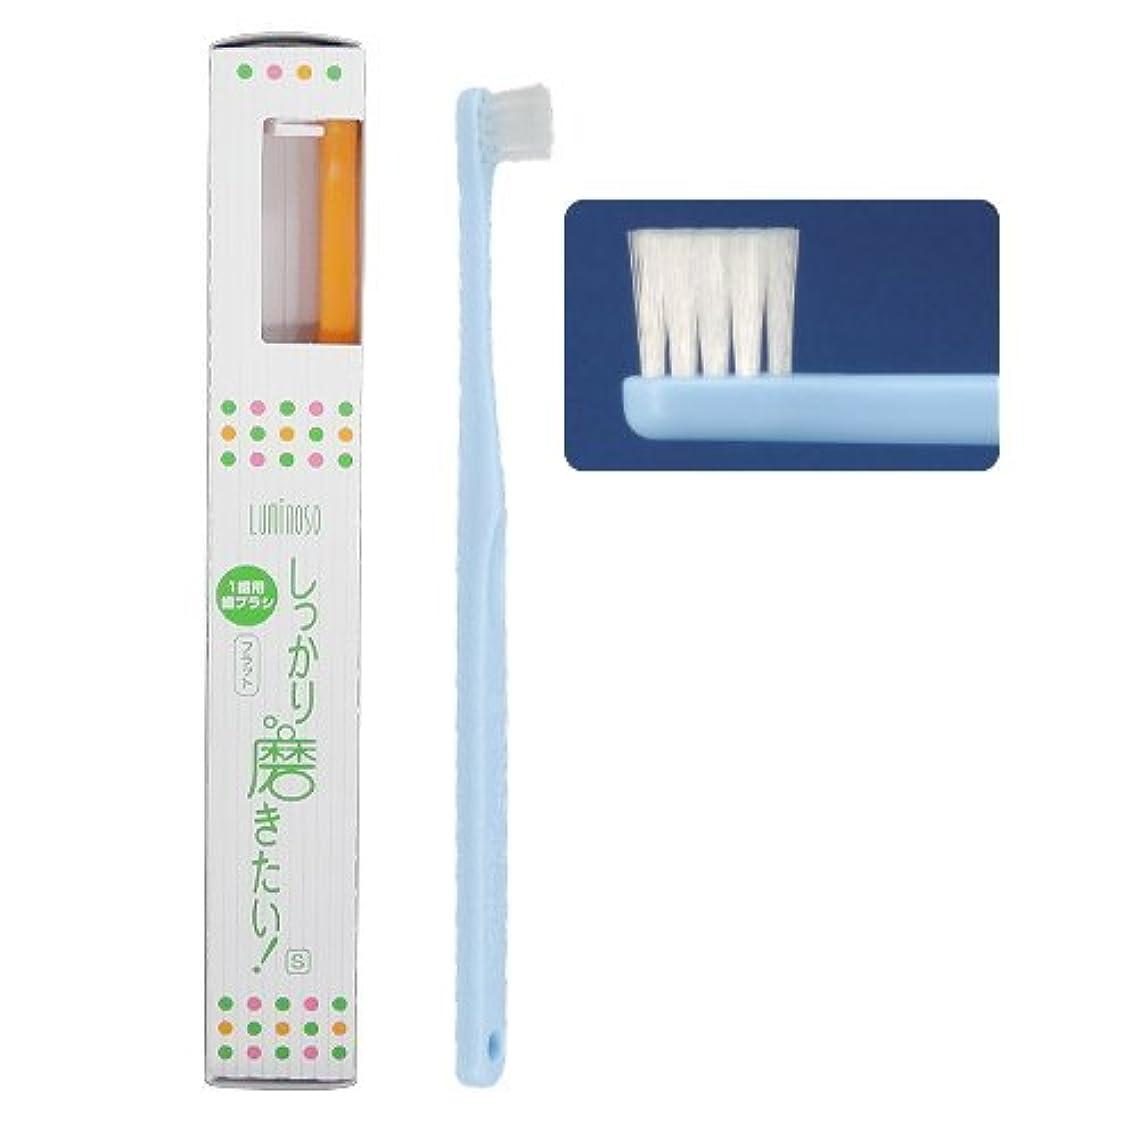 発動機貪欲かび臭いルミノソ 1歯用歯ブラシ 「しっかり磨きたい!」 フラット ソフト (カラー指定不可) 10本